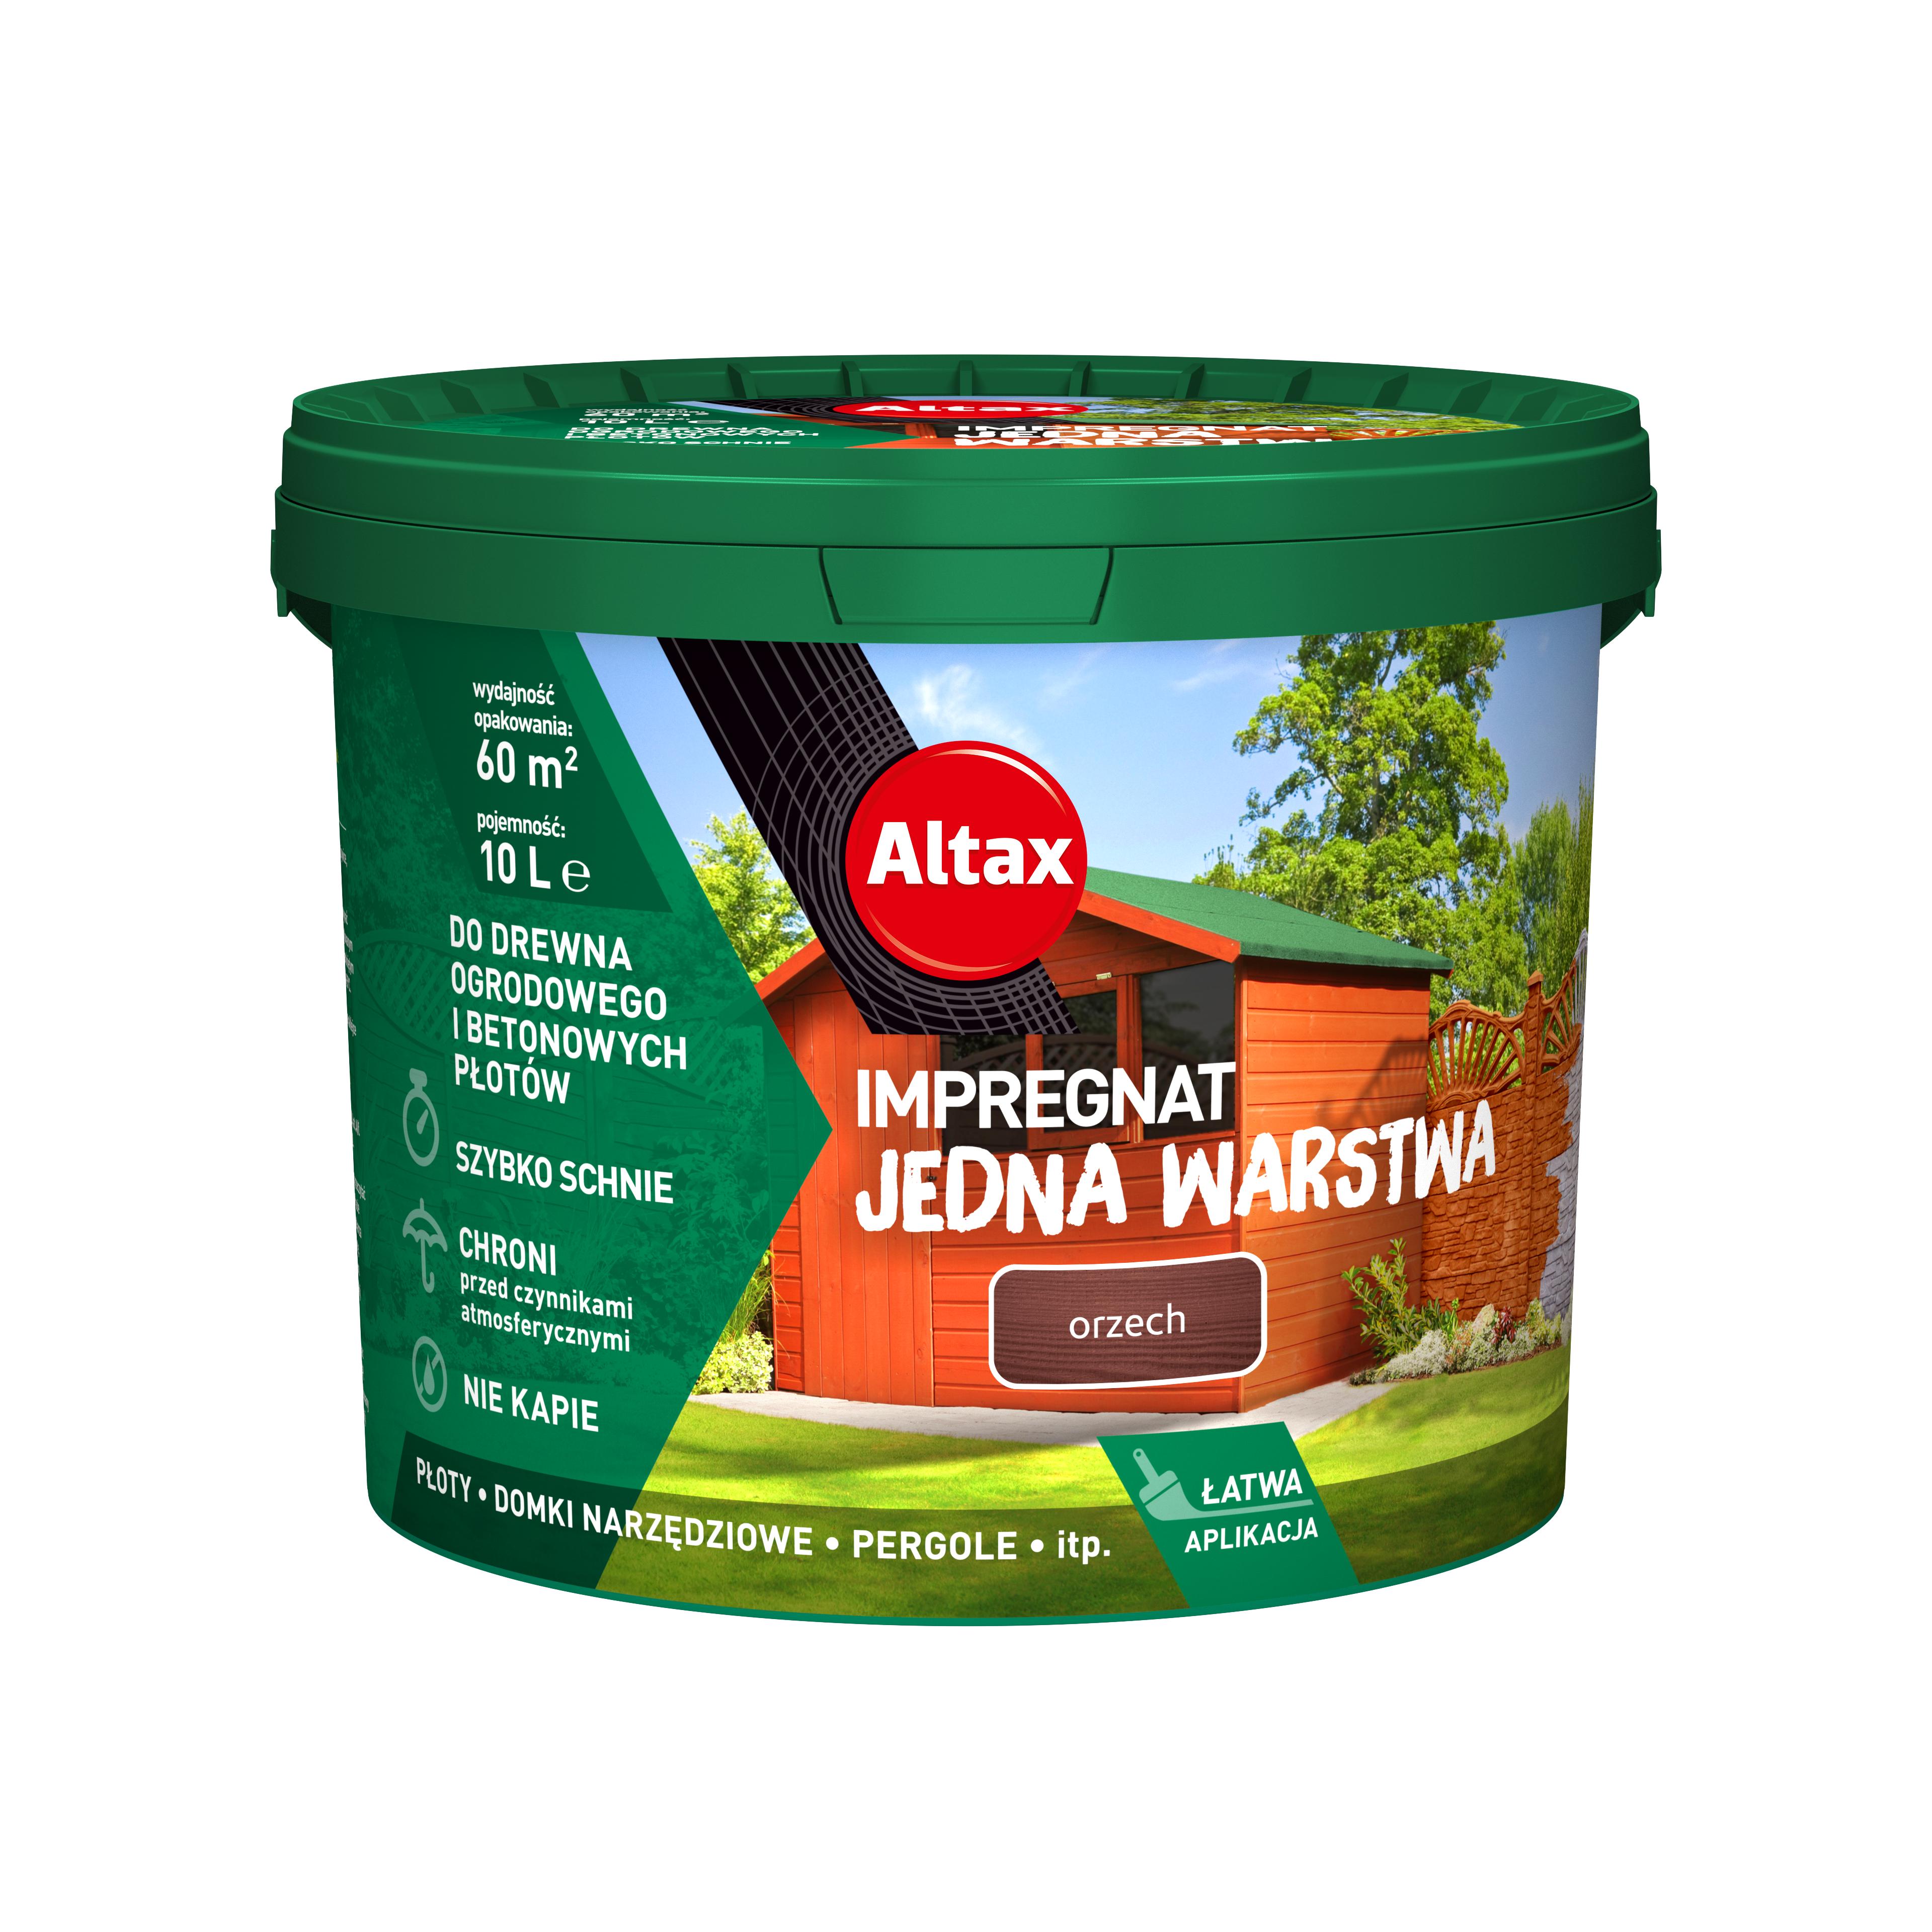 Altax Impregnat Do Drewna Ogrodowego Jedna Warstwa 10L Orzech